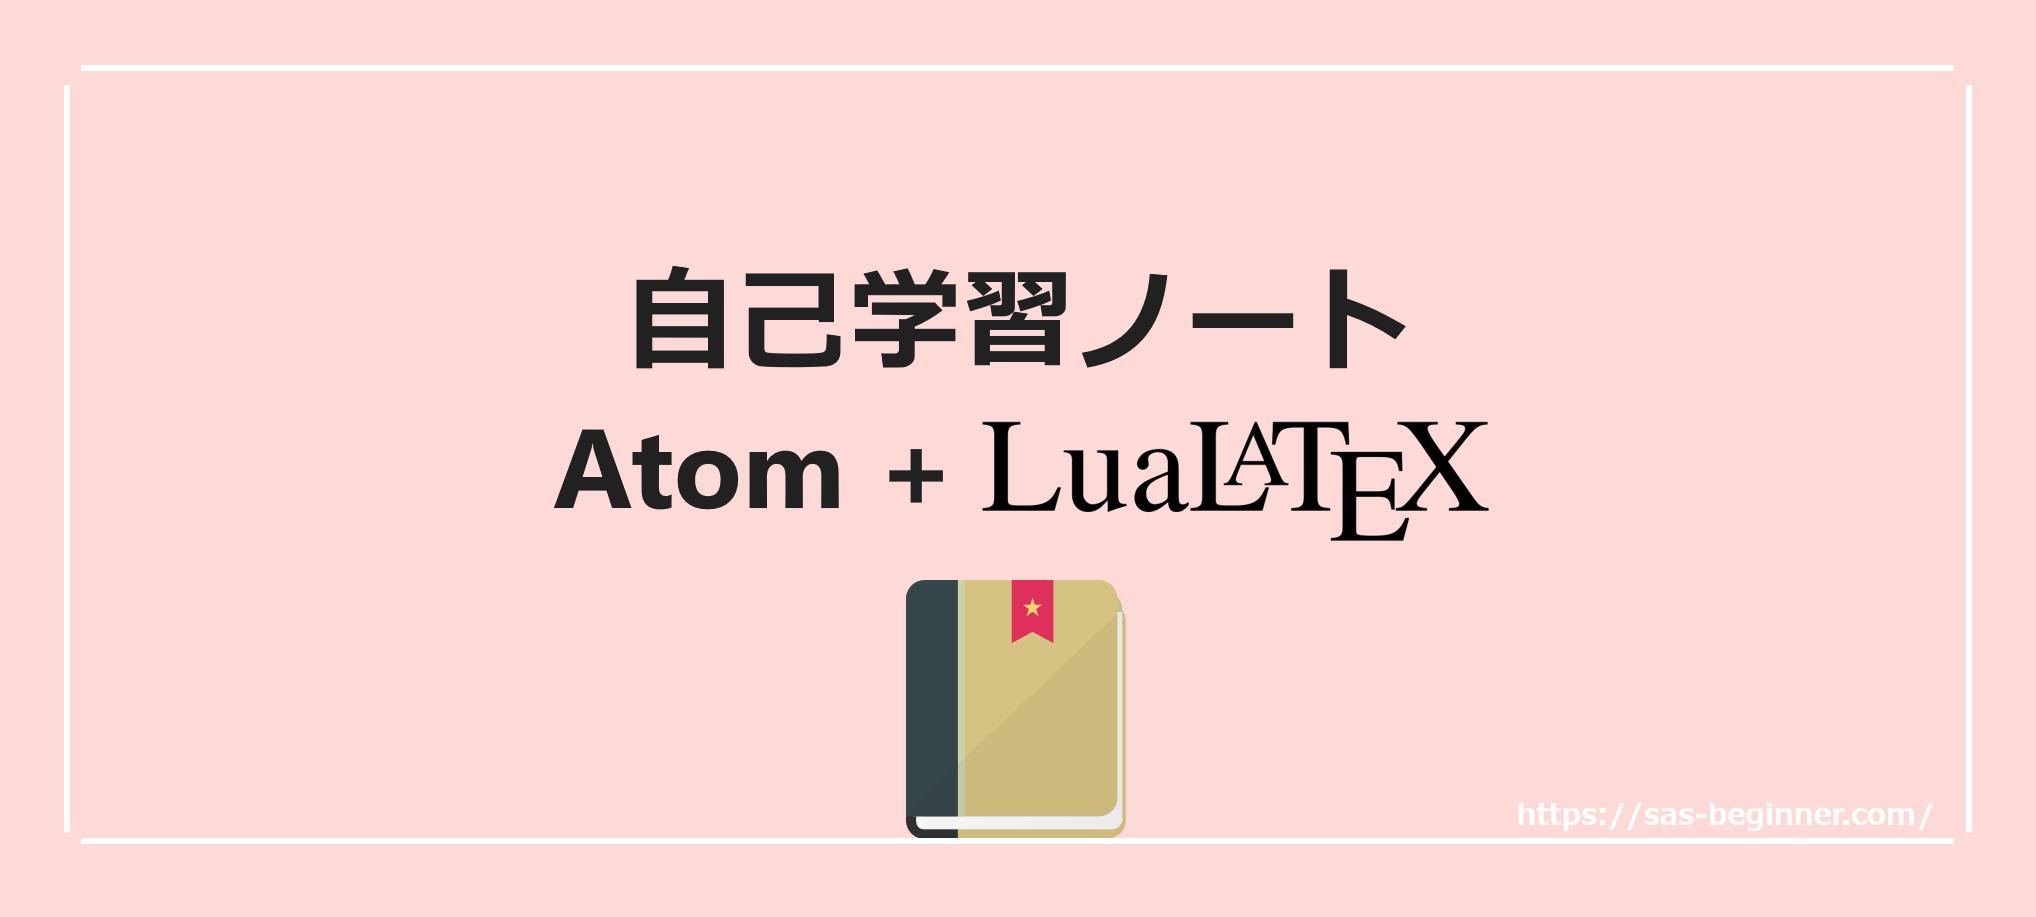 自己学習ノートをきれいに作るにはLuaLaTeX+Atomが最高だよって話